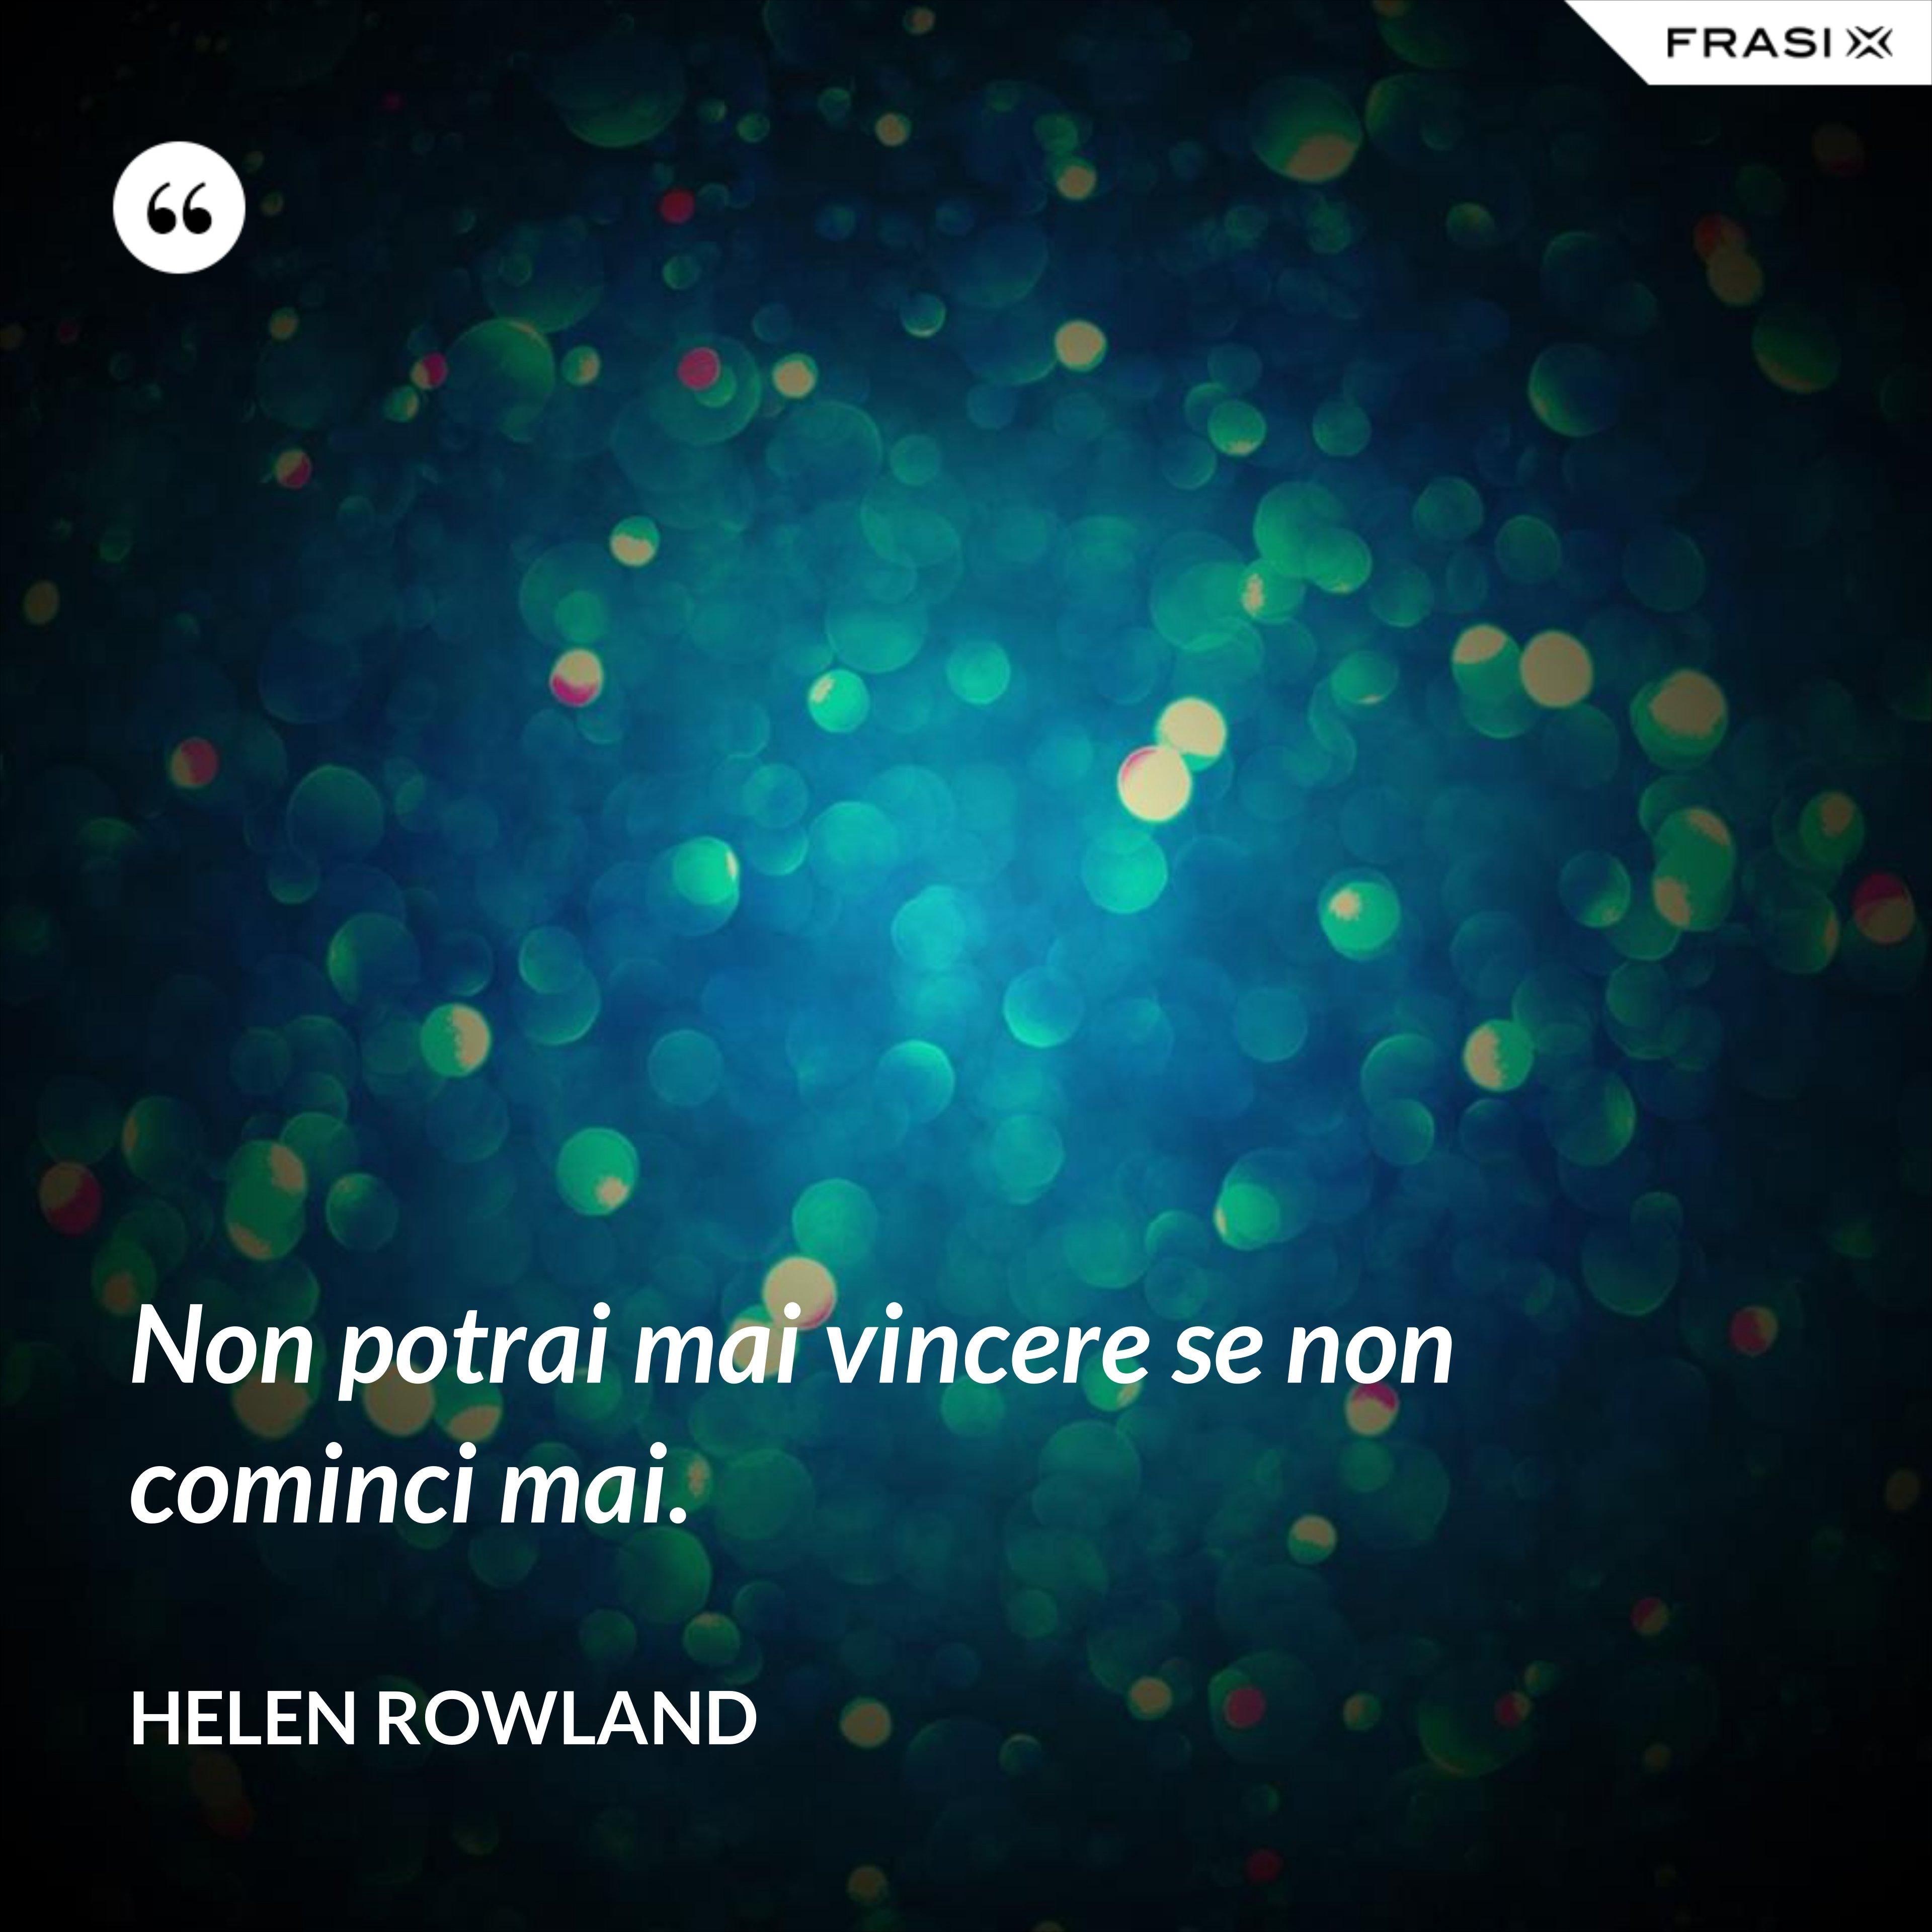 Non potrai mai vincere se non cominci mai. - Helen Rowland